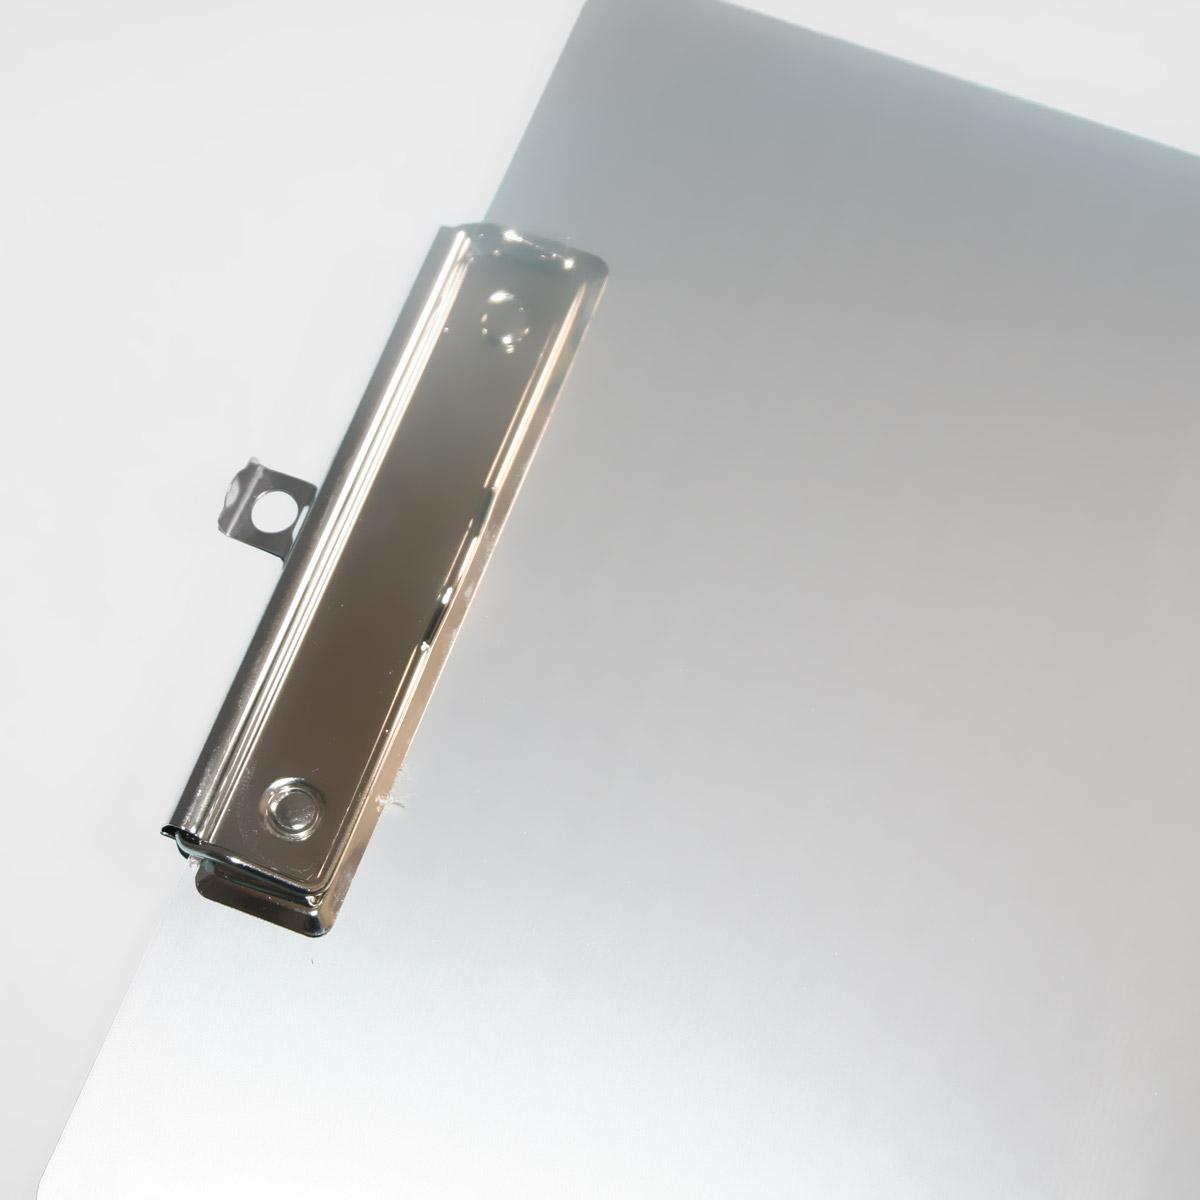 Clipboard aluminiowy do sublimacji z klipsem i wysuwaną zawieszką